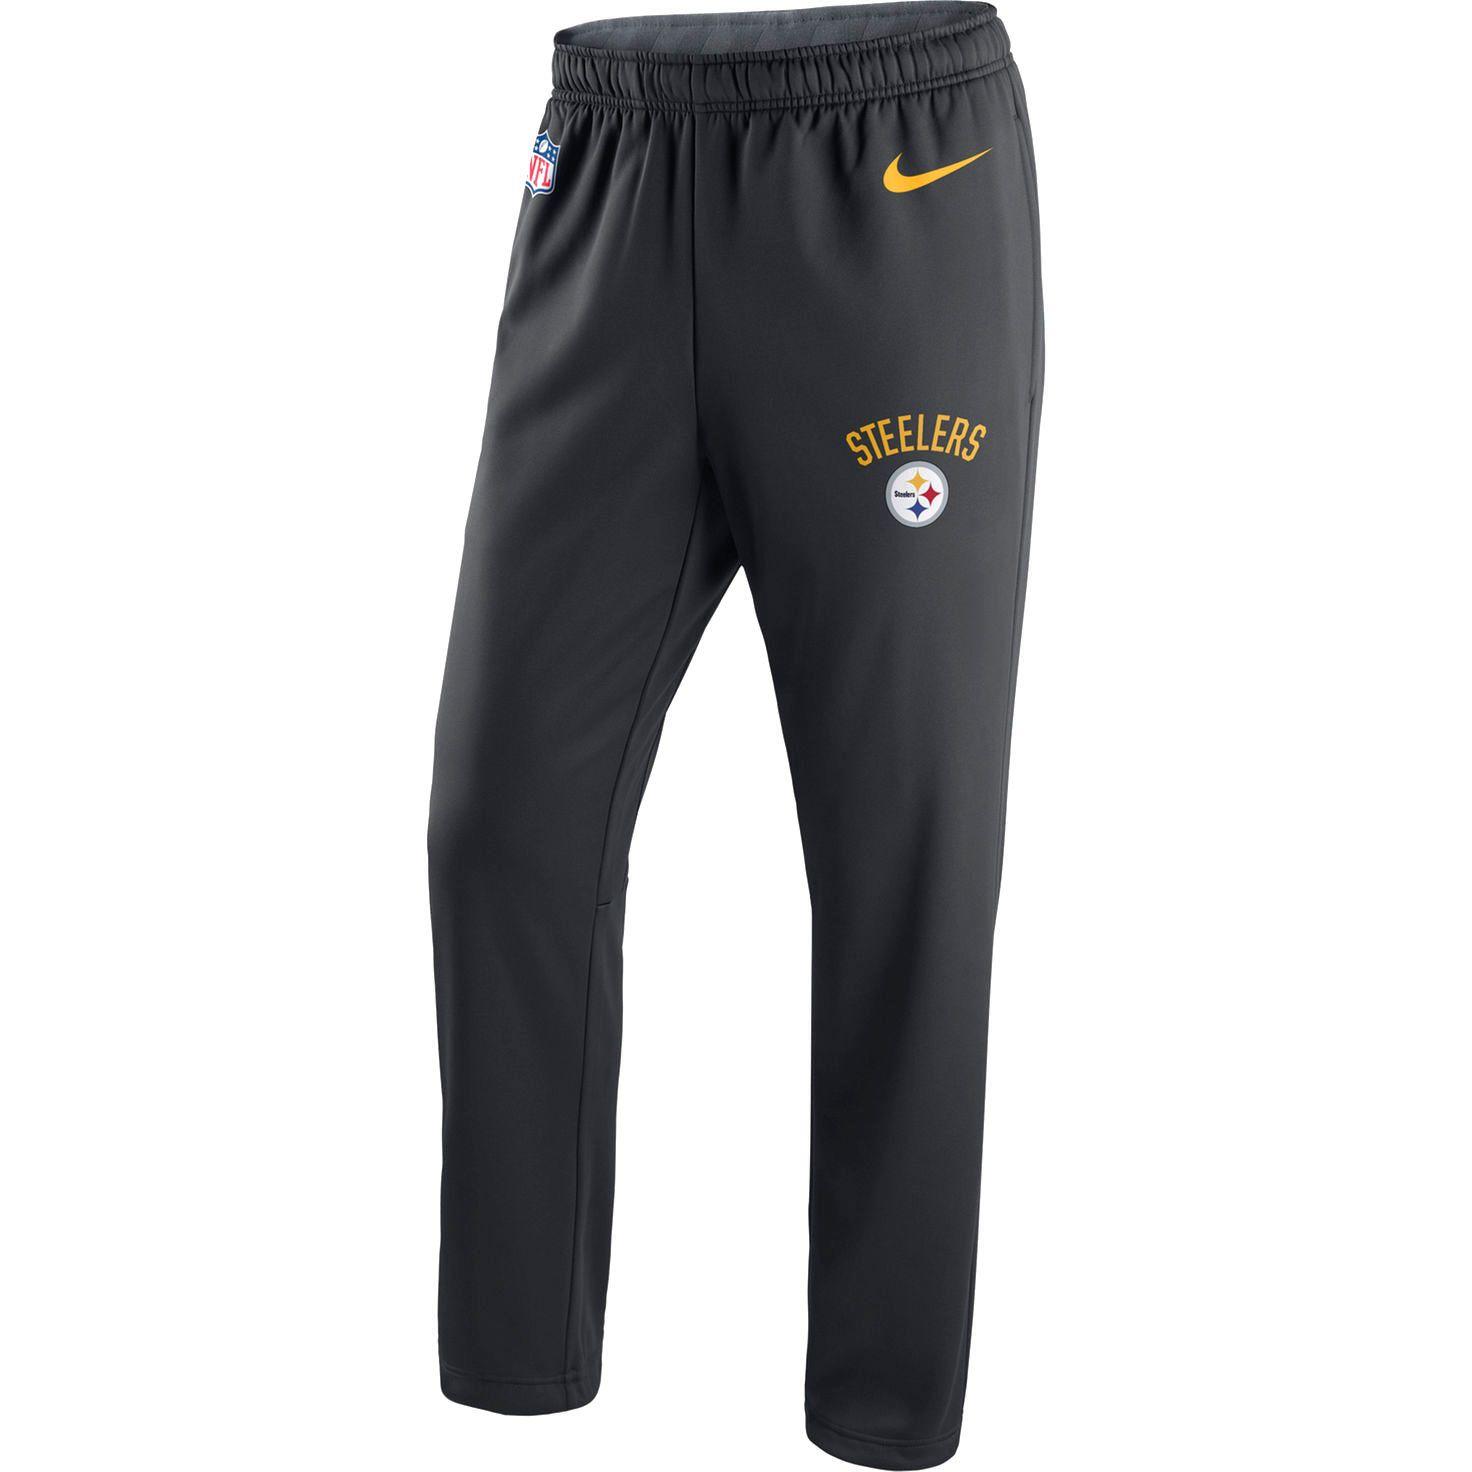 06ac204c Pittsburgh Steelers Nike Circuit Sideline Performance Pants - Black ...